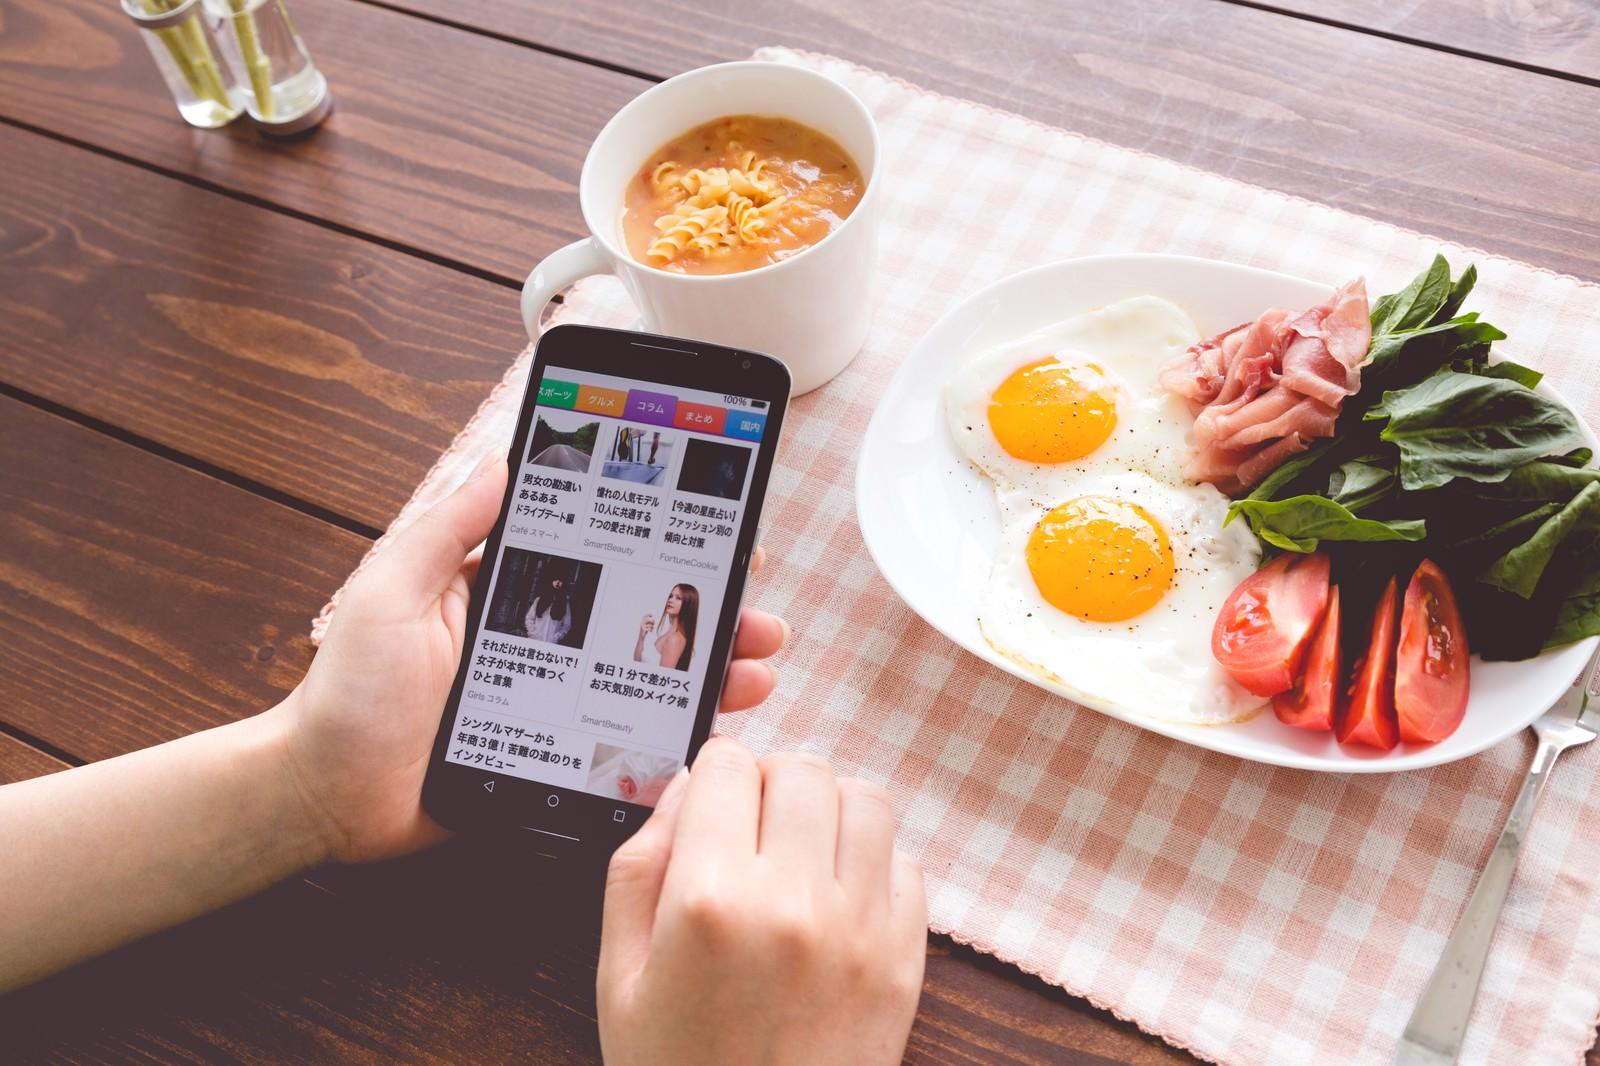 「自分の記事がスマニューに掲載されてバズった(朝食)」の写真